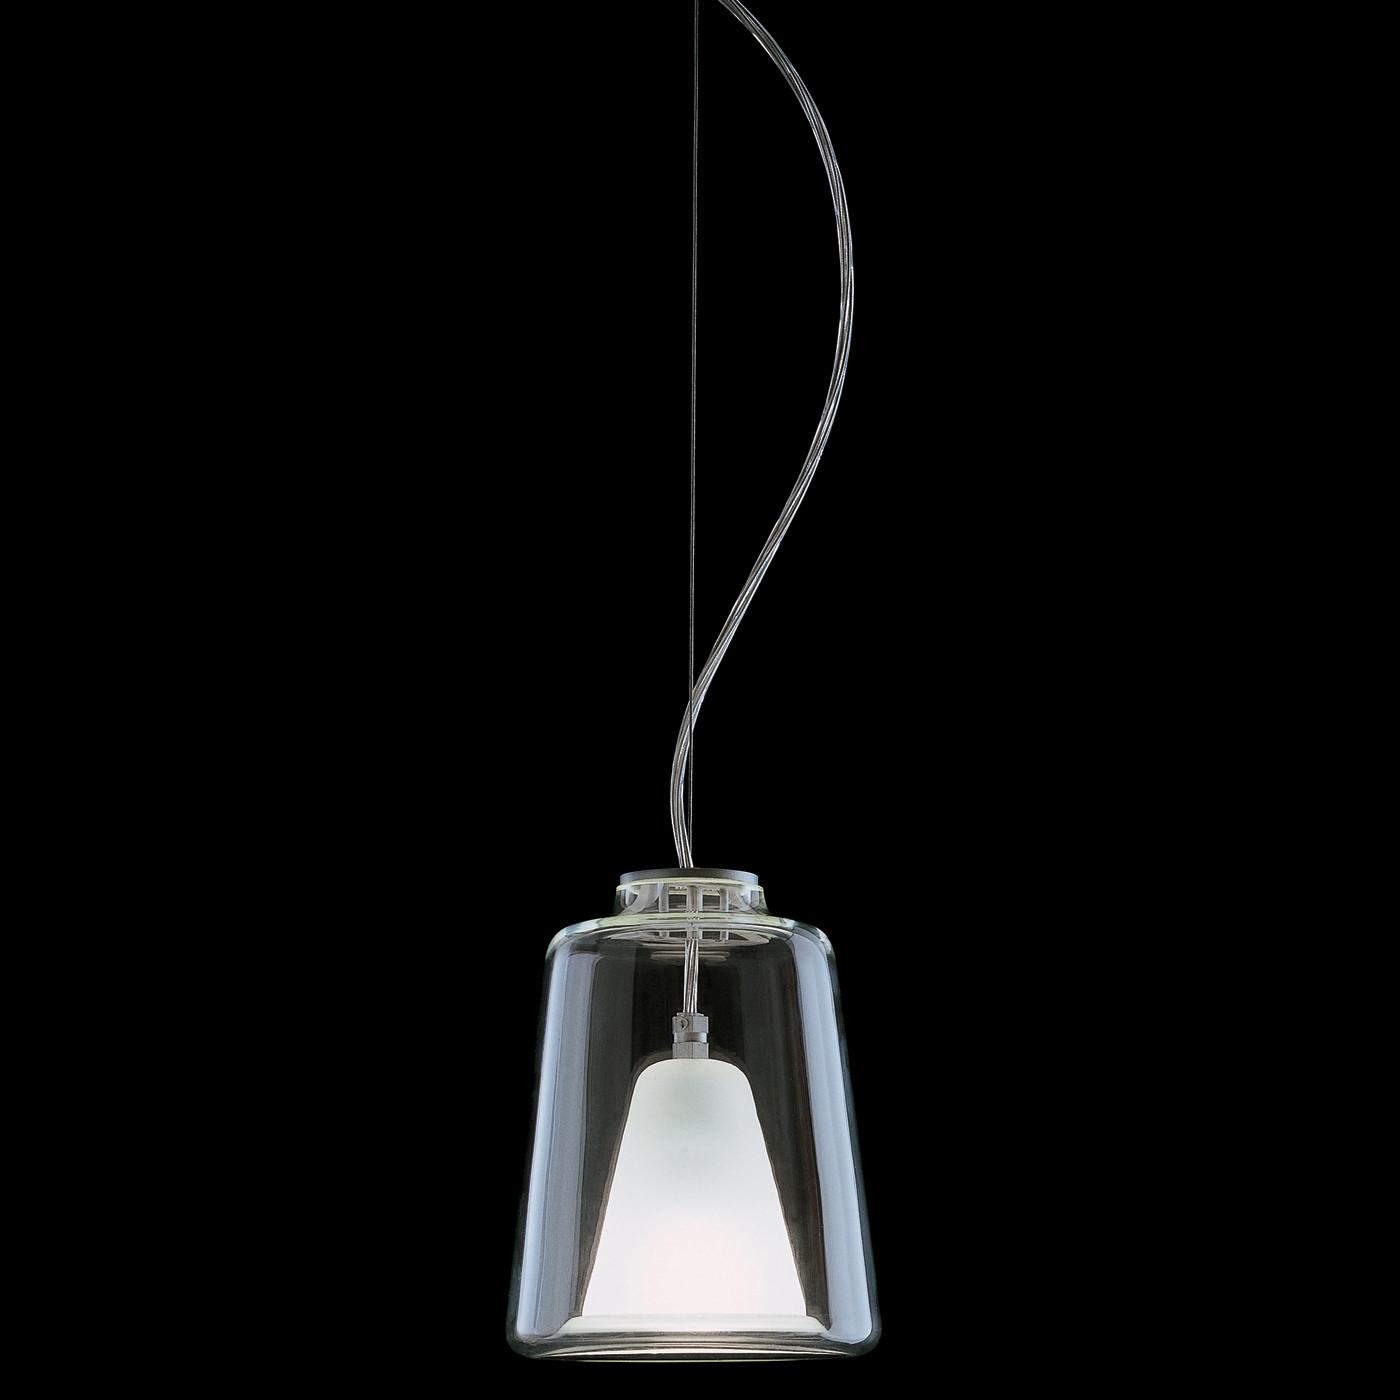 Oluce Lanterna 477 Pendelleuchte